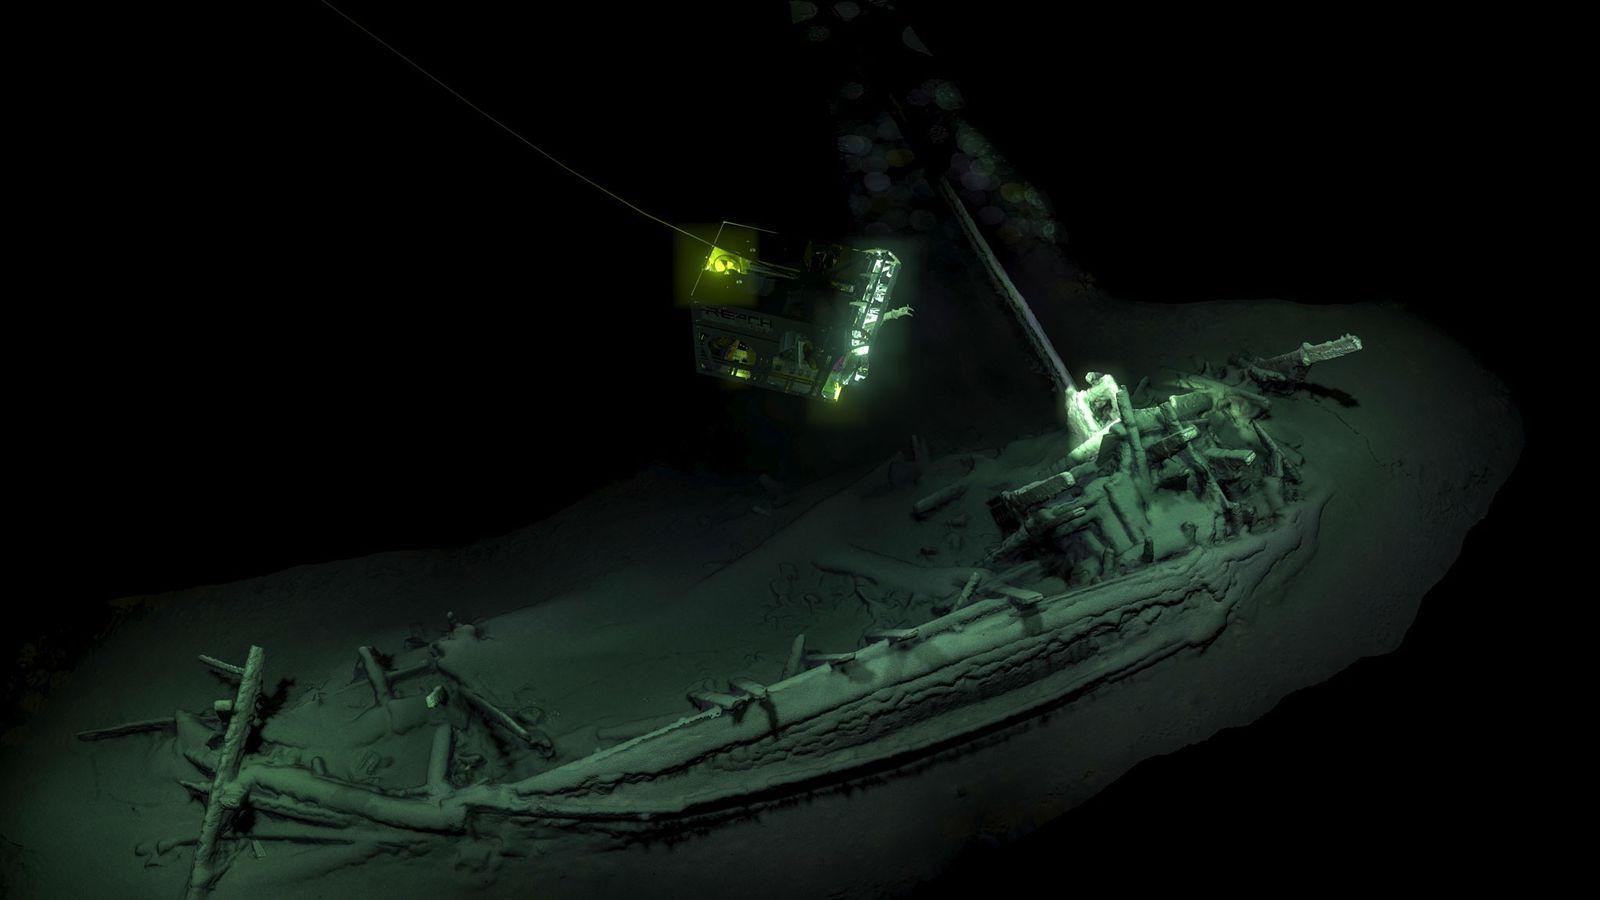 Un ROV (véhicule sous-marin téléguidé) prend des photos de l'épave d'un navire marchand vieux de 2 ...